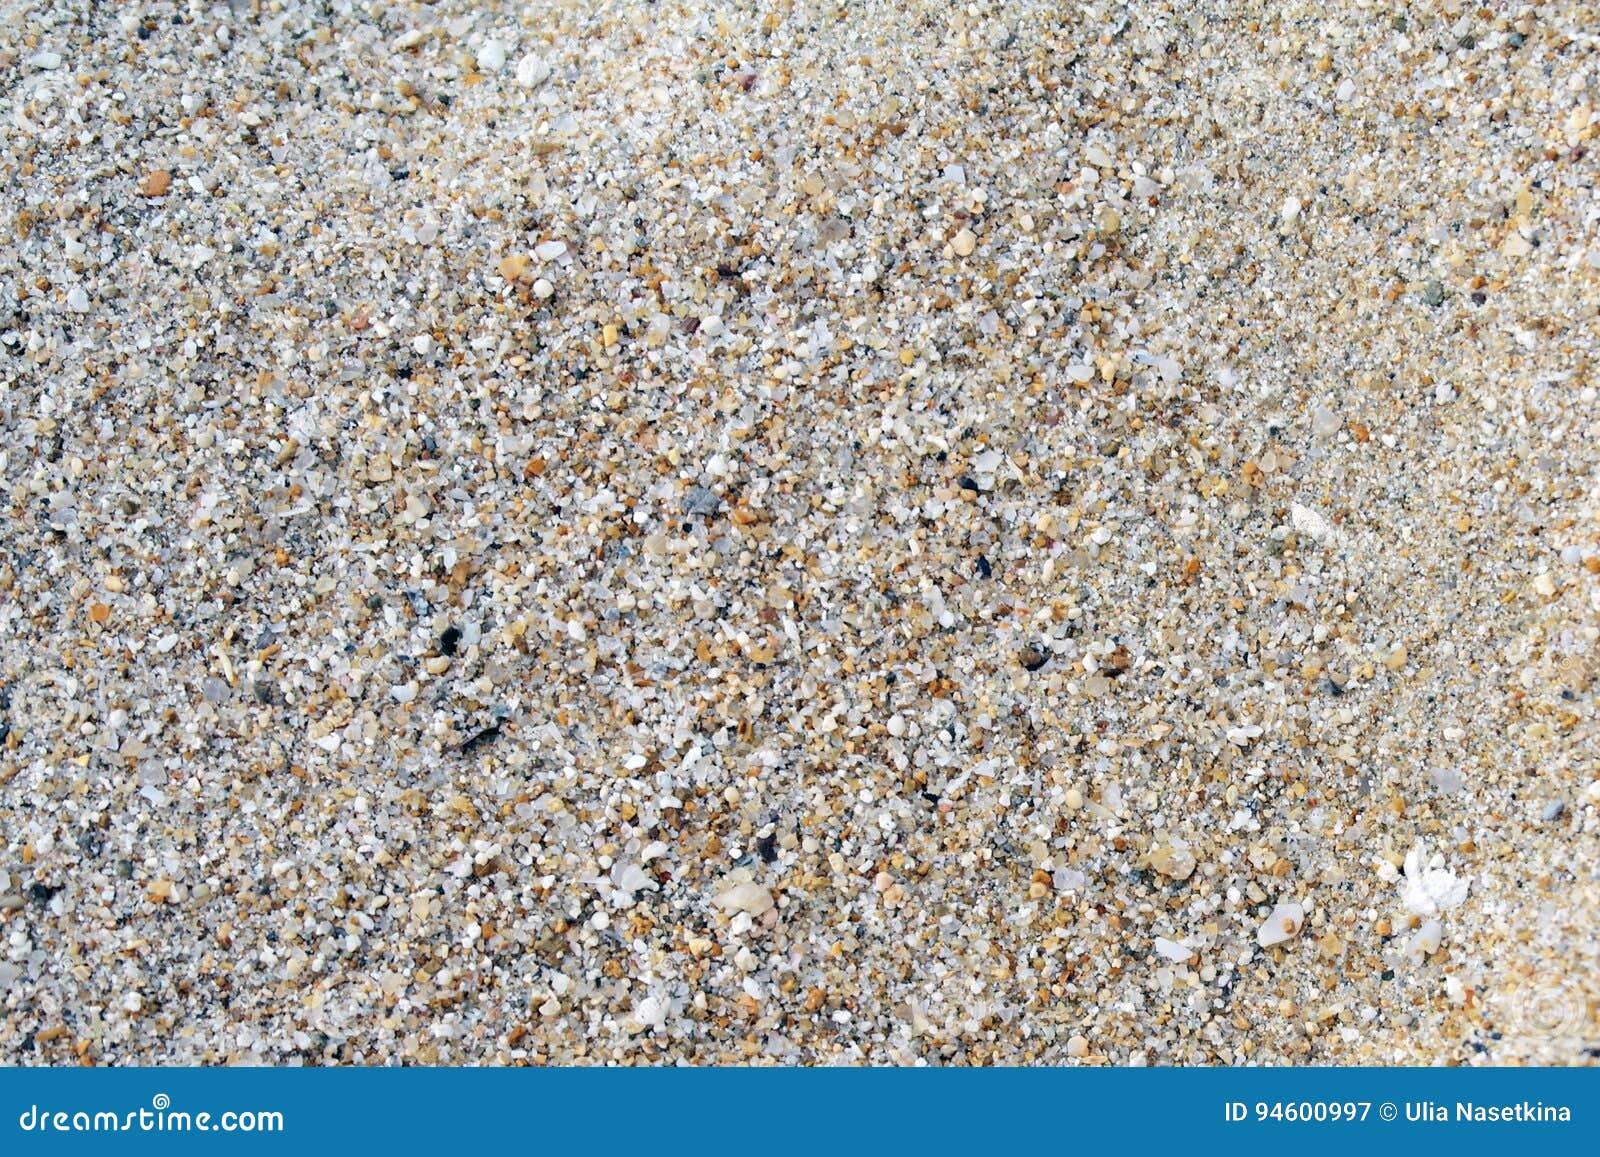 Macro tir de texture du sable